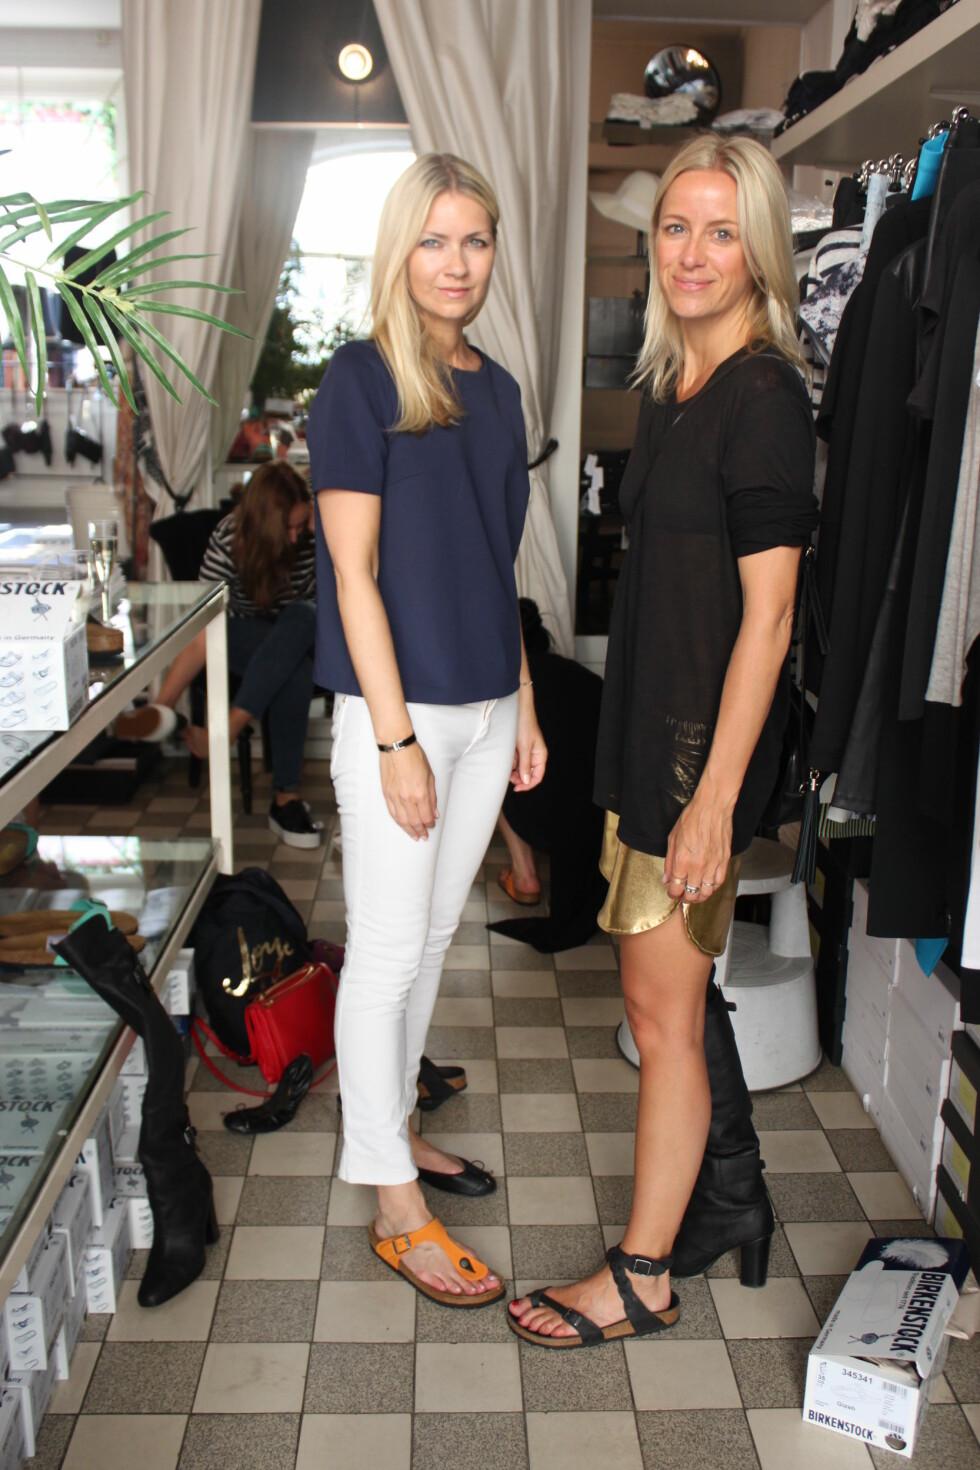 STYLE PÅ ULIKE MÅTER: Her ser du moteredaktør i KK - Silje Pedersen, og sjefredaktør i StyleMag - Celine Aagaard, prøve noen av sommerens nyheter fra Birkenstock. Og som du ser, så kan helsesandaltrenden brukes like fint til bukser, som til shorts og kjoler.  Foto: KK